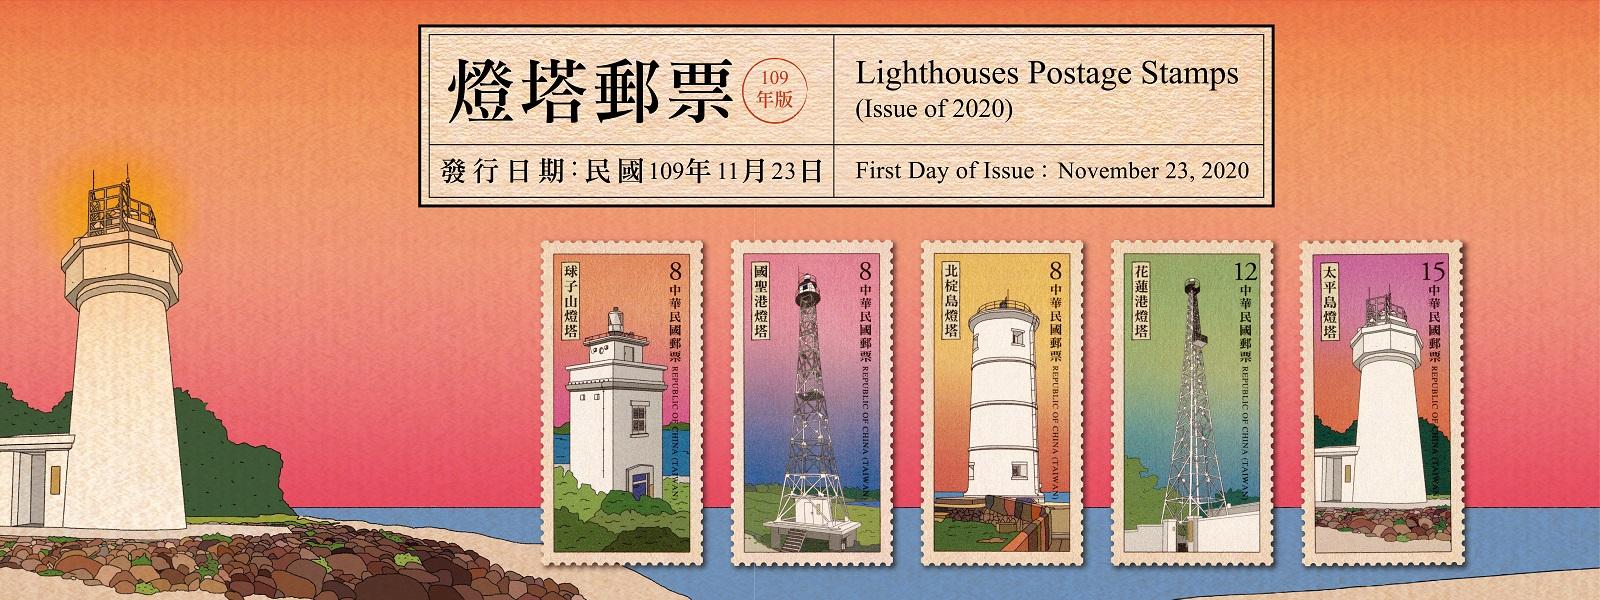 廣告連結:特700 燈塔郵票(109年版)